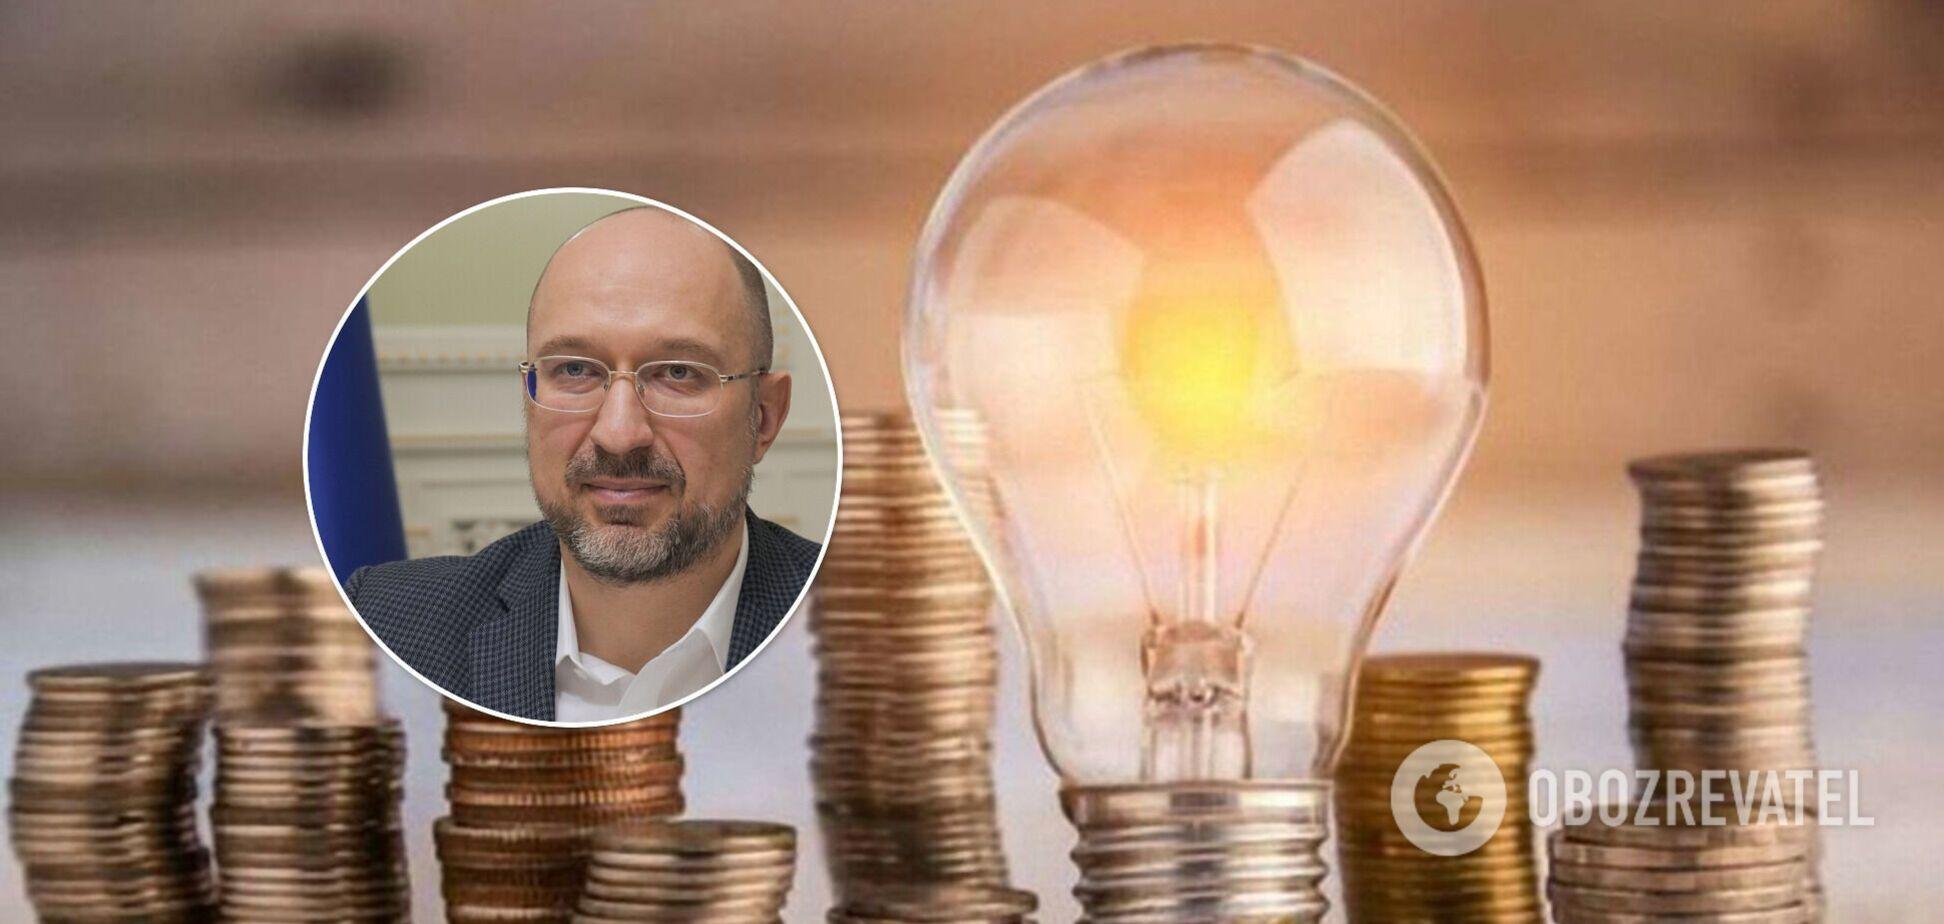 Скільки платитимемо за електроенергію